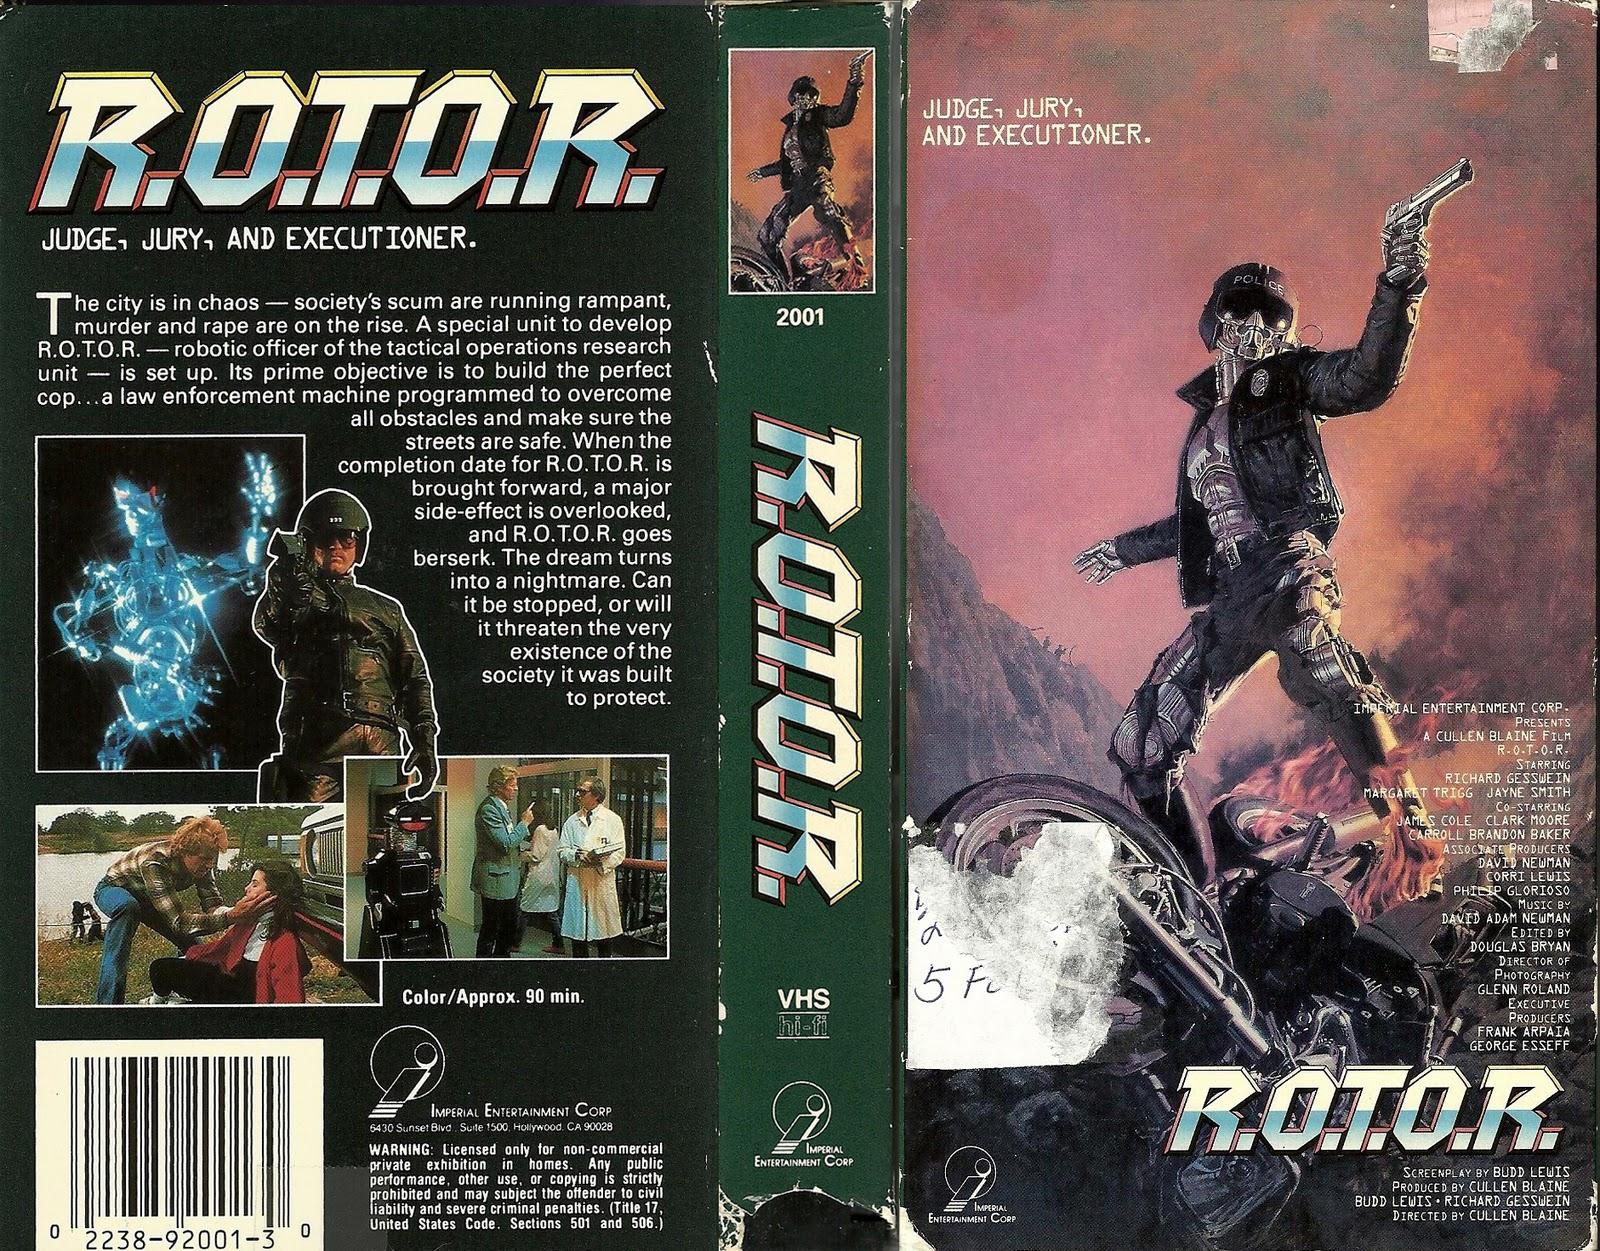 R.O.T.O.R. (1989) – Rifftrax edition